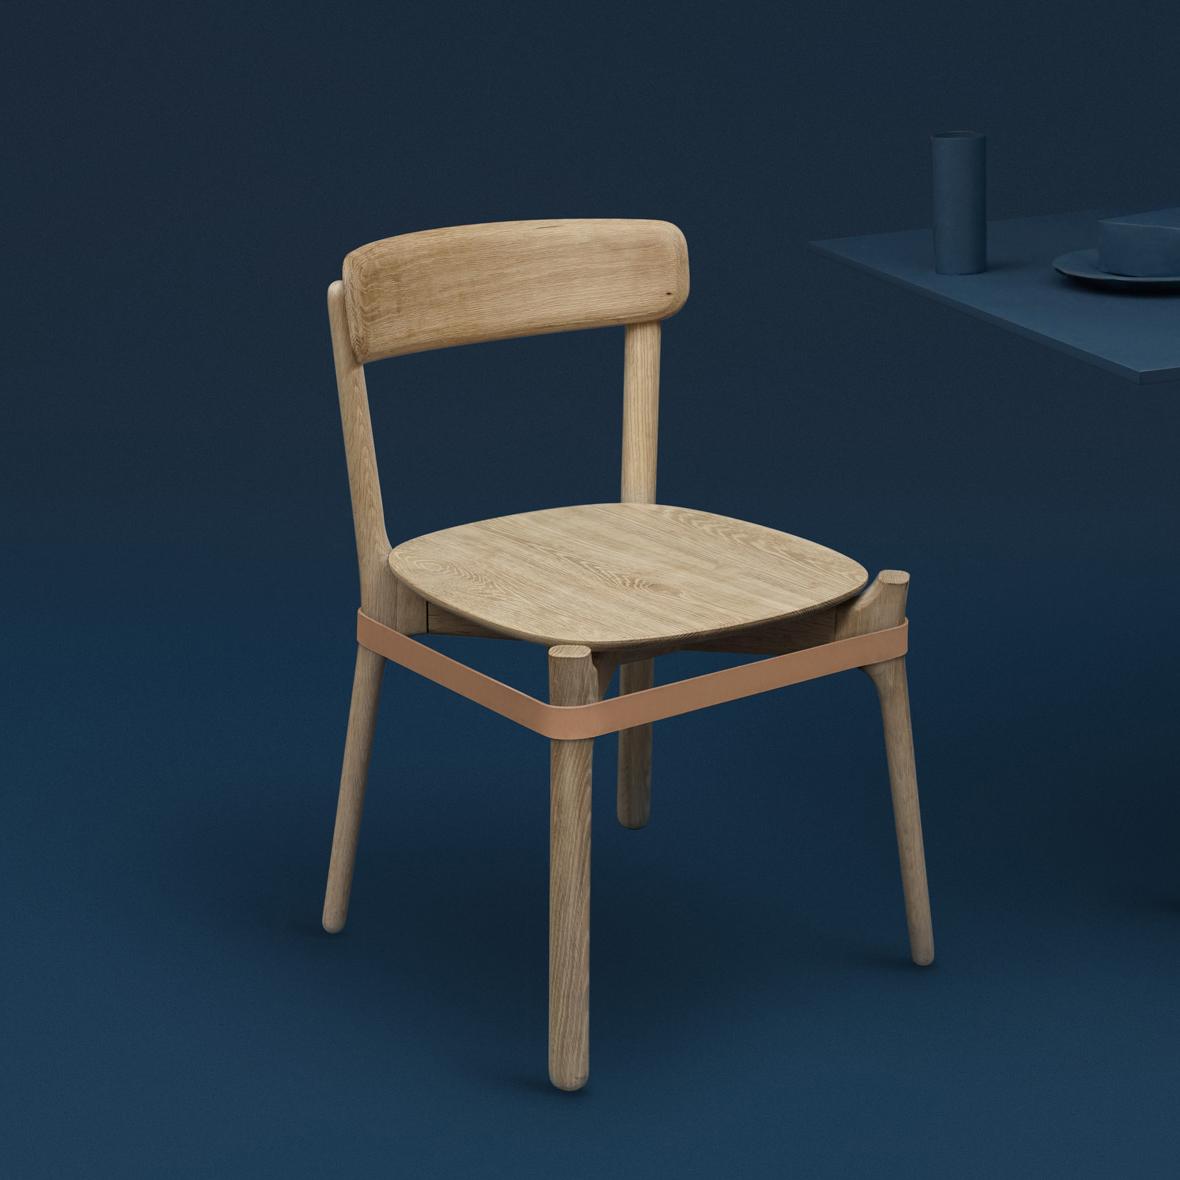 Cinch chair